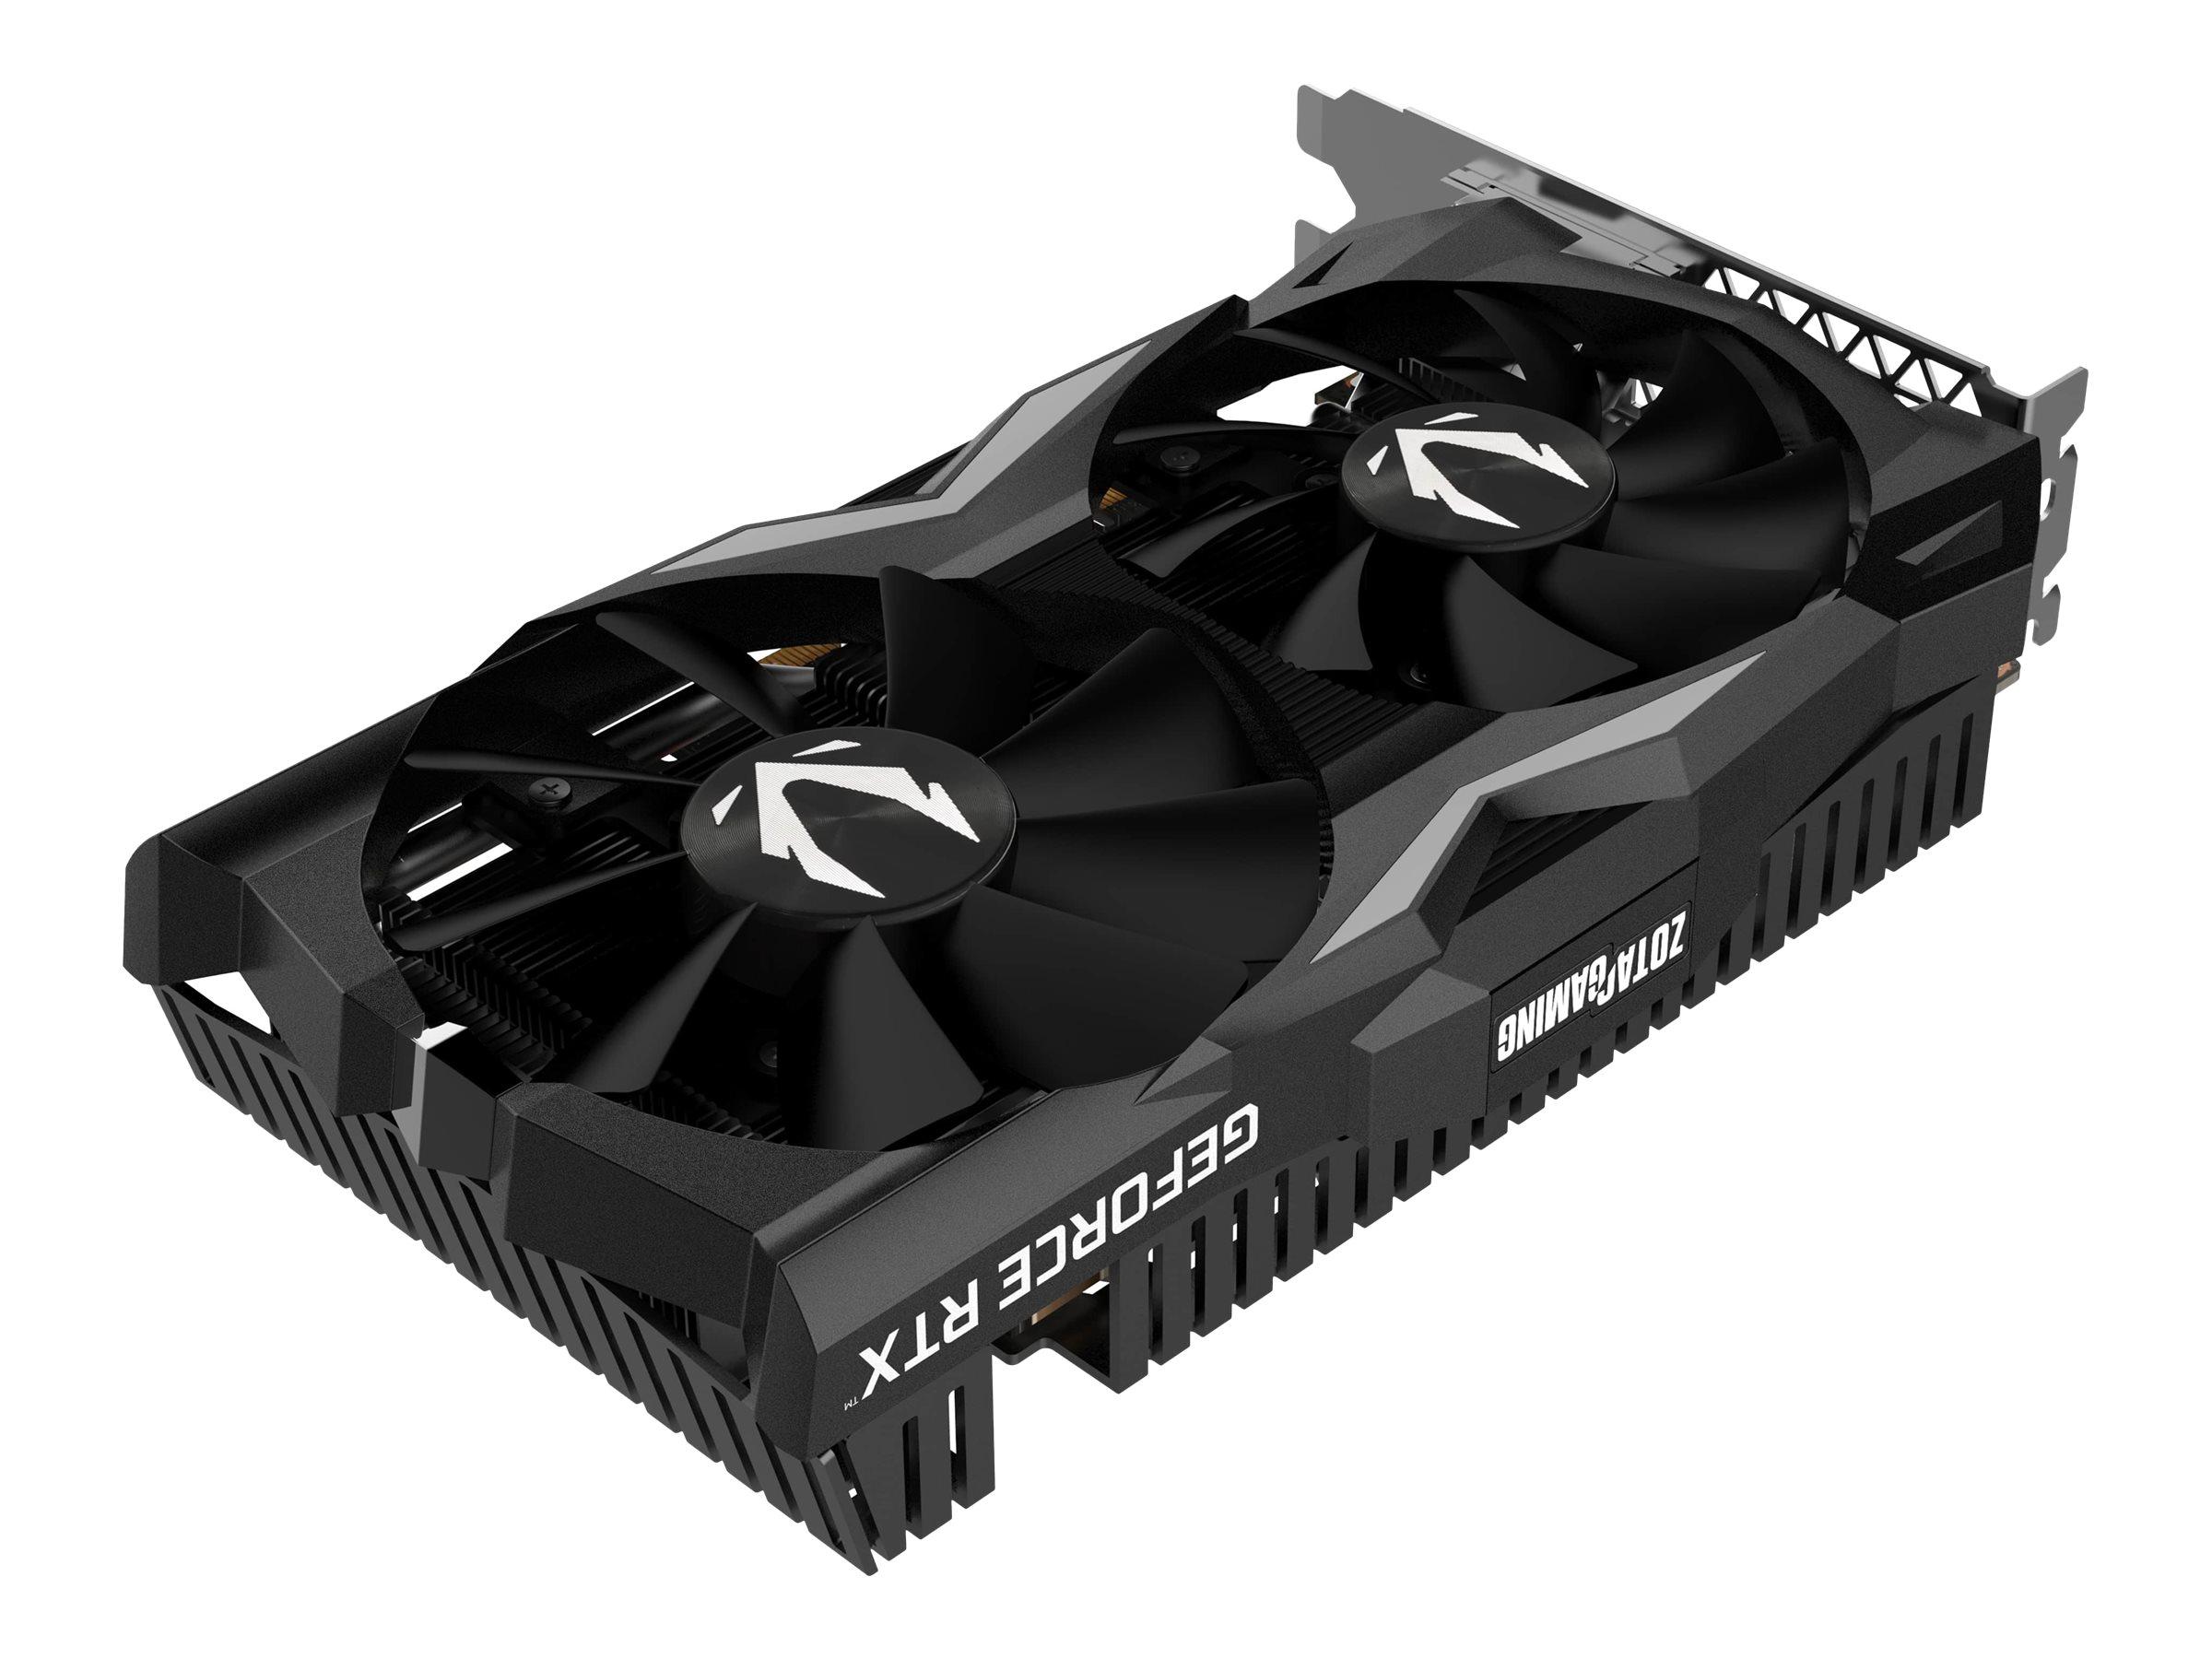 ZOTAC GAMING GeForce RTX 2070 OC MINI - Grafikkarten - GF RTX 2070 - 8 GB GDDR6 - PCIe 3.0 x16 - DVI, HDMI, 3 x DisplayPort